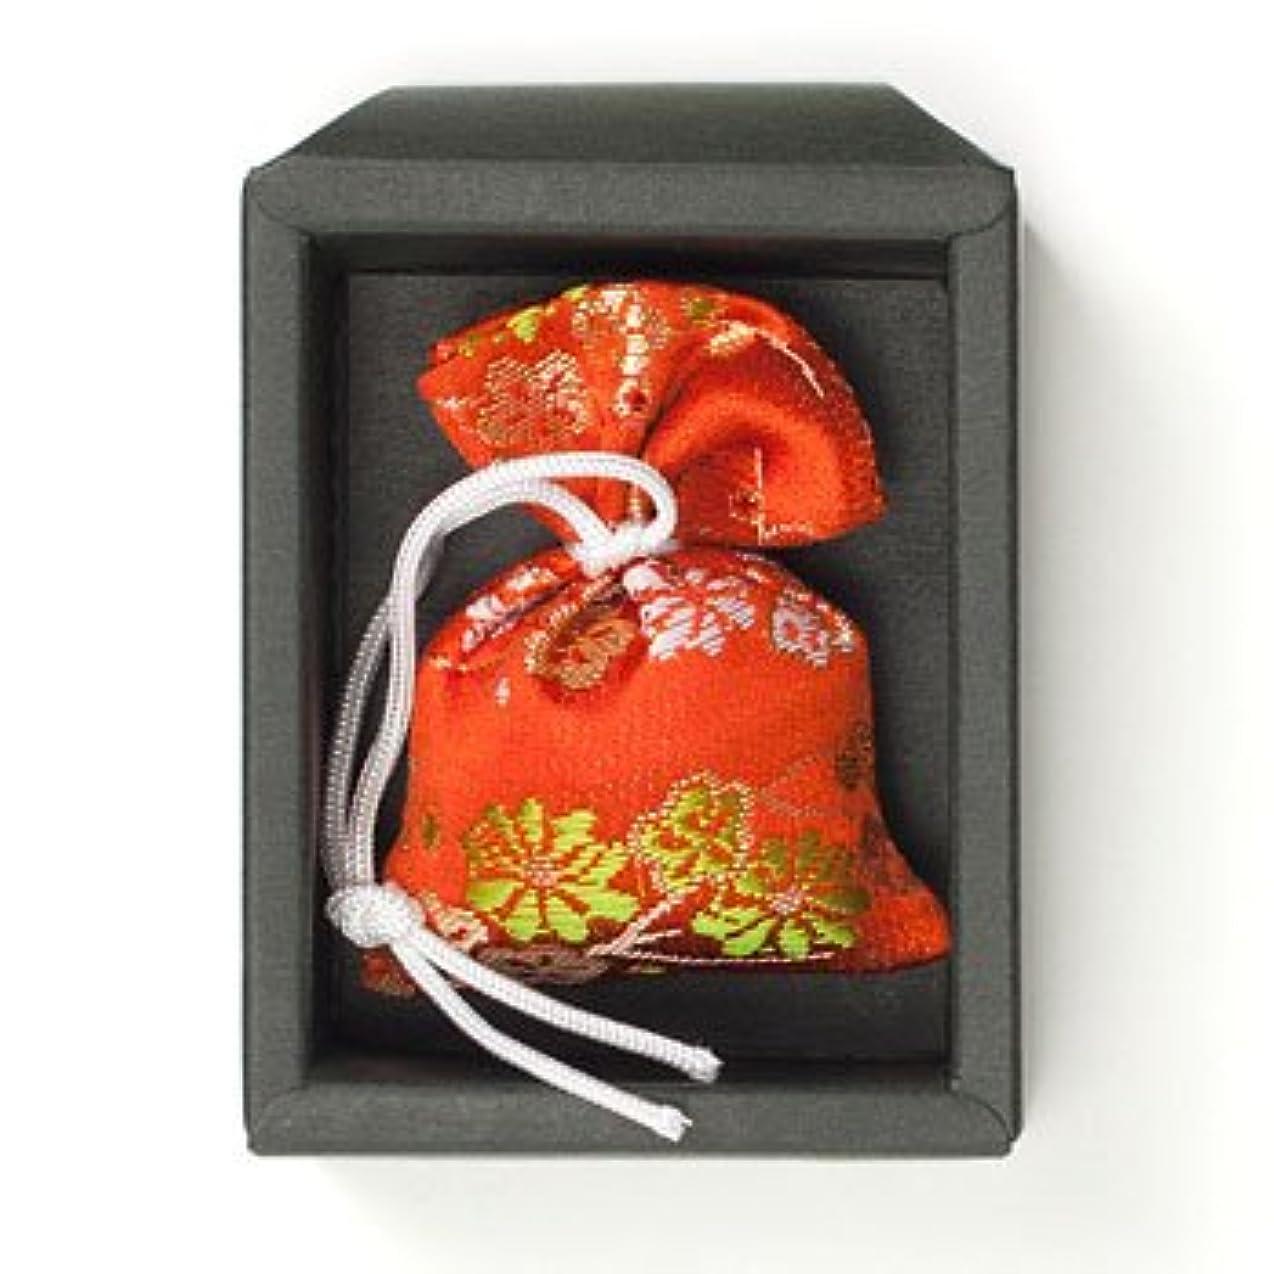 細胞頭蓋骨なぜ匂い袋 誰が袖 極品 1個入 松栄堂 Shoyeido 本体長さ60mm (色?柄は選べません)